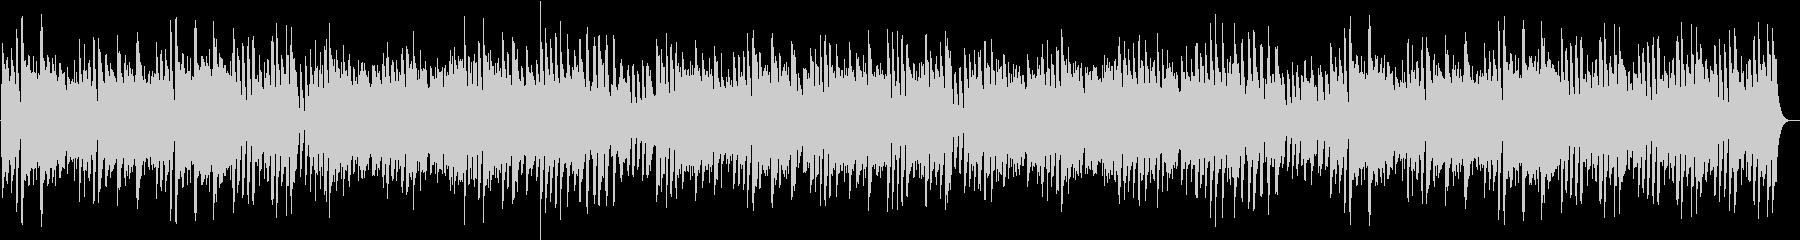 ワンパクに動くリズムが楽しいピアノBGMの未再生の波形